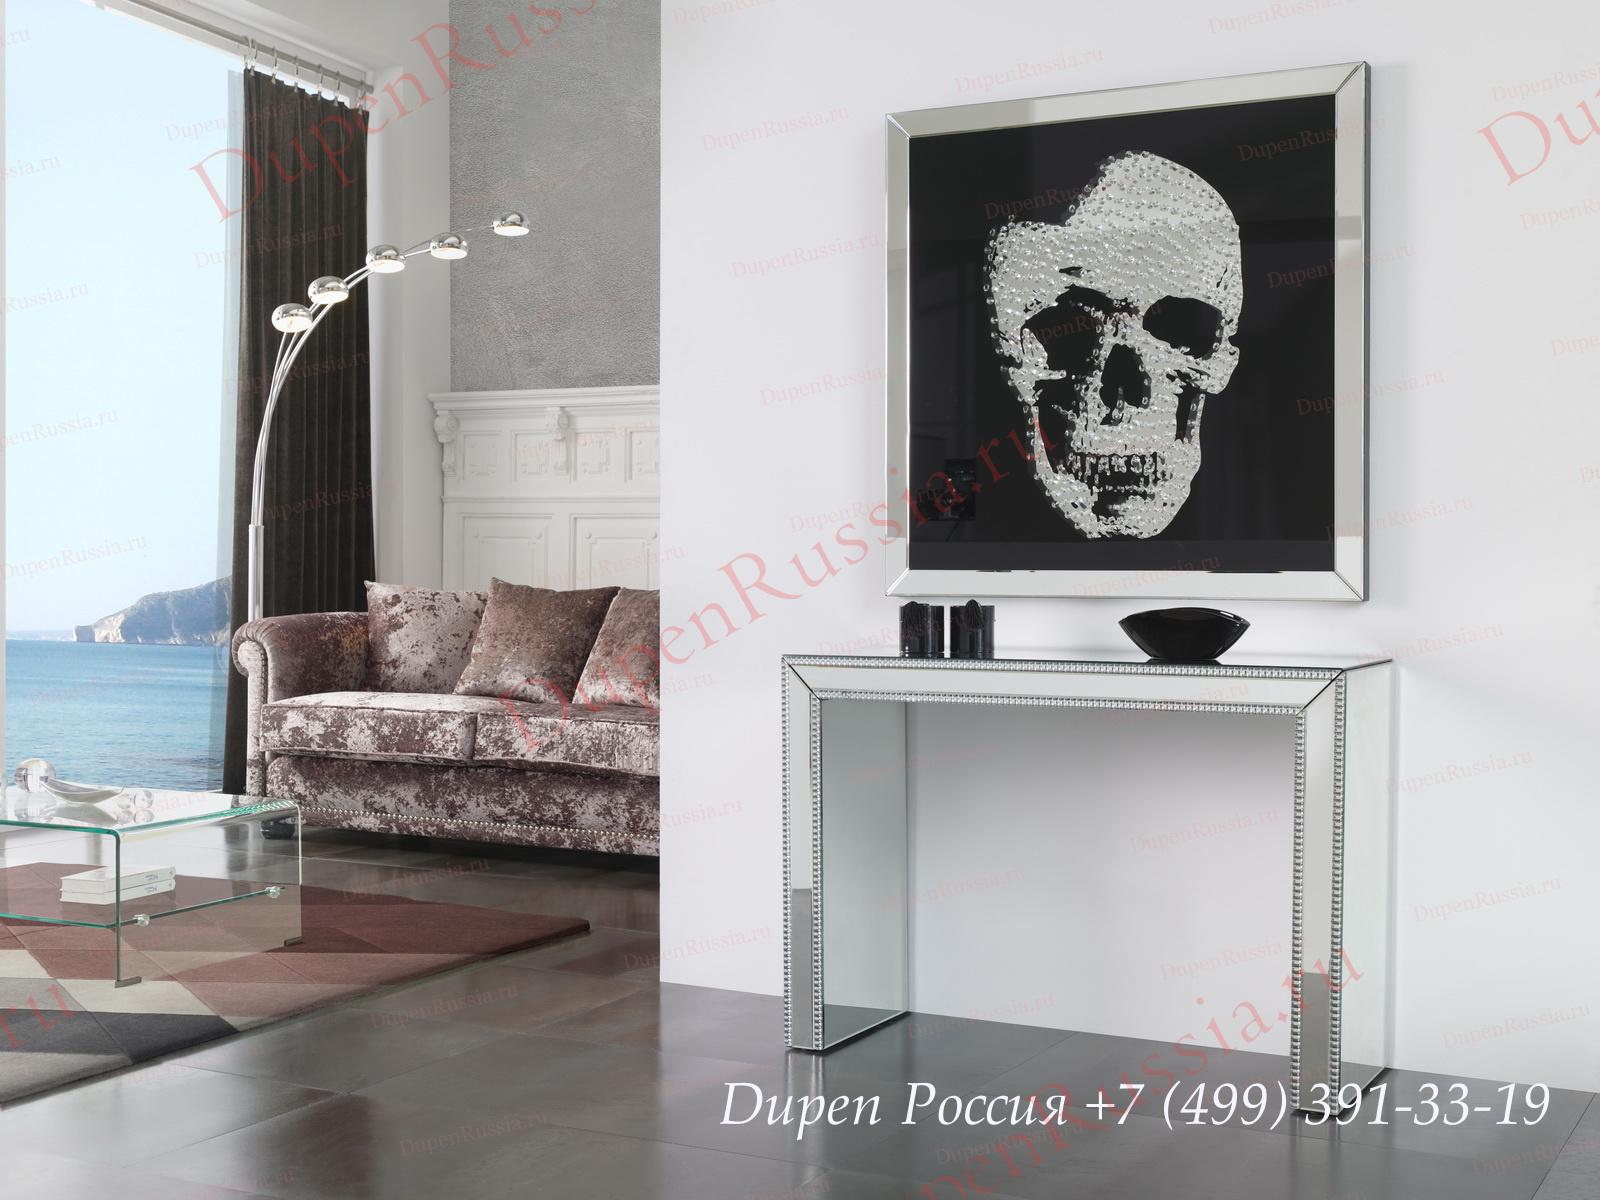 Зеркало DUPEN (Дюпен) E-121, консоль DUPEN CON-09